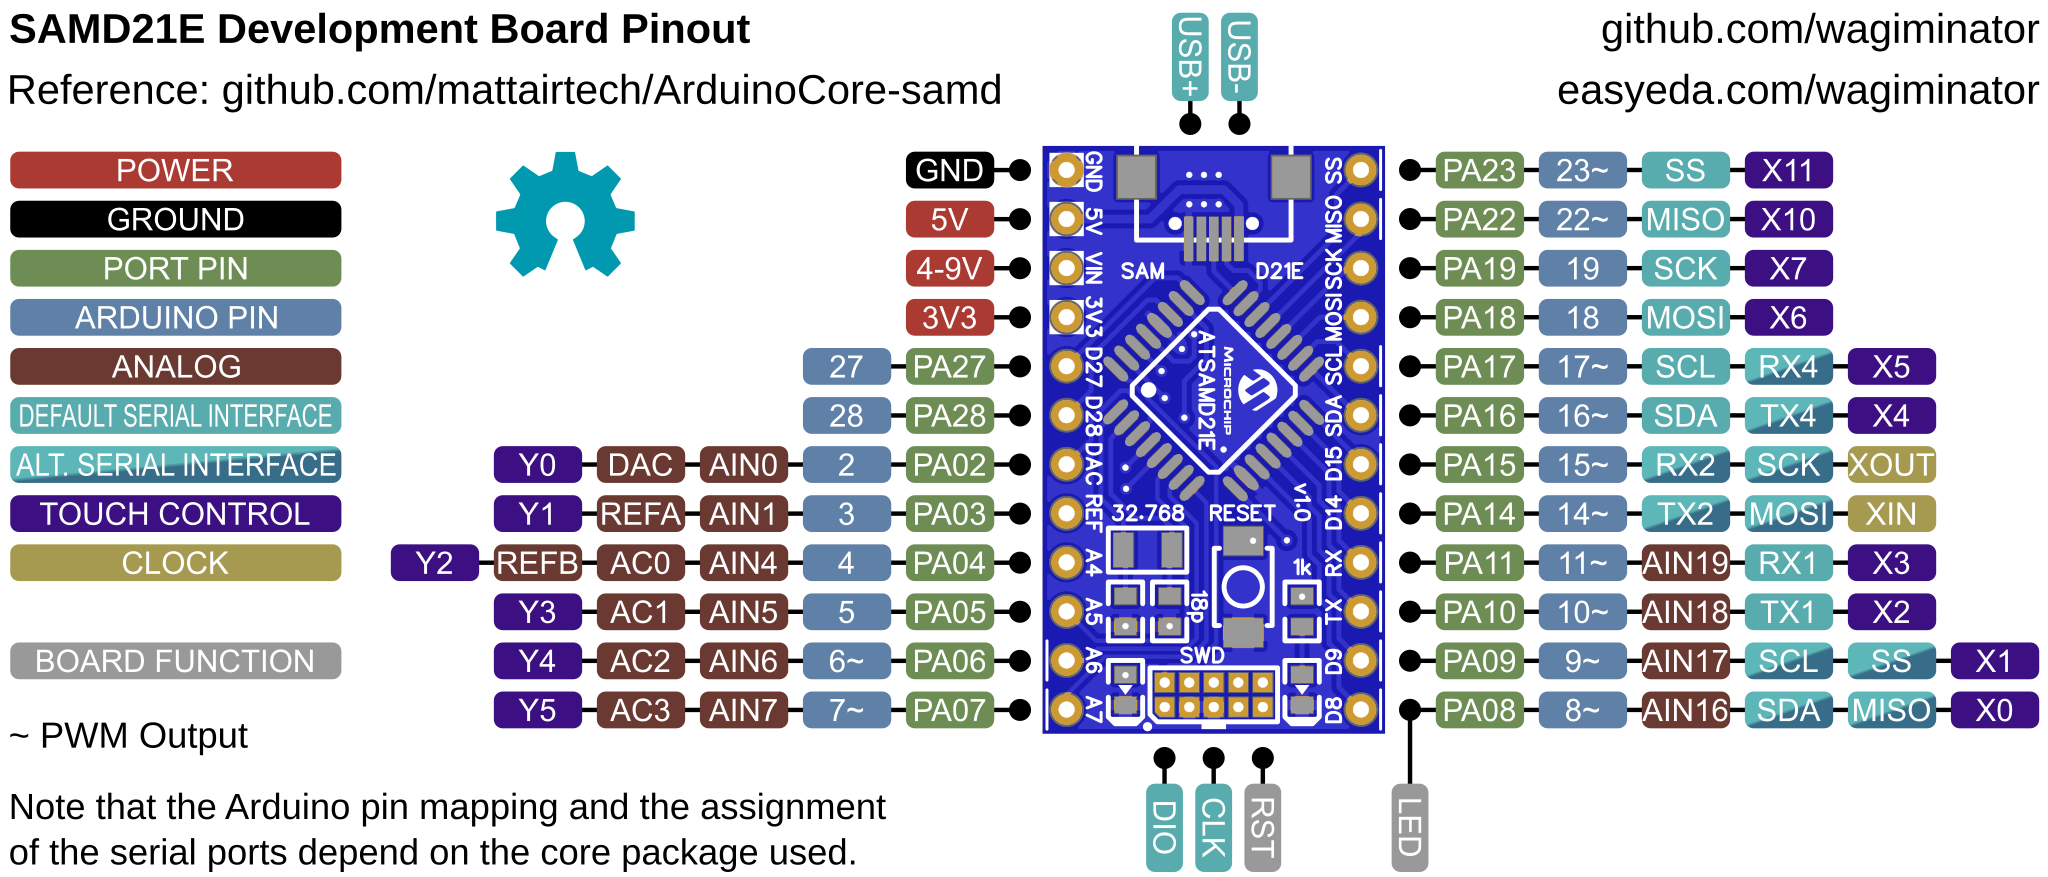 SAMD21E_DevBoard_pinout.png